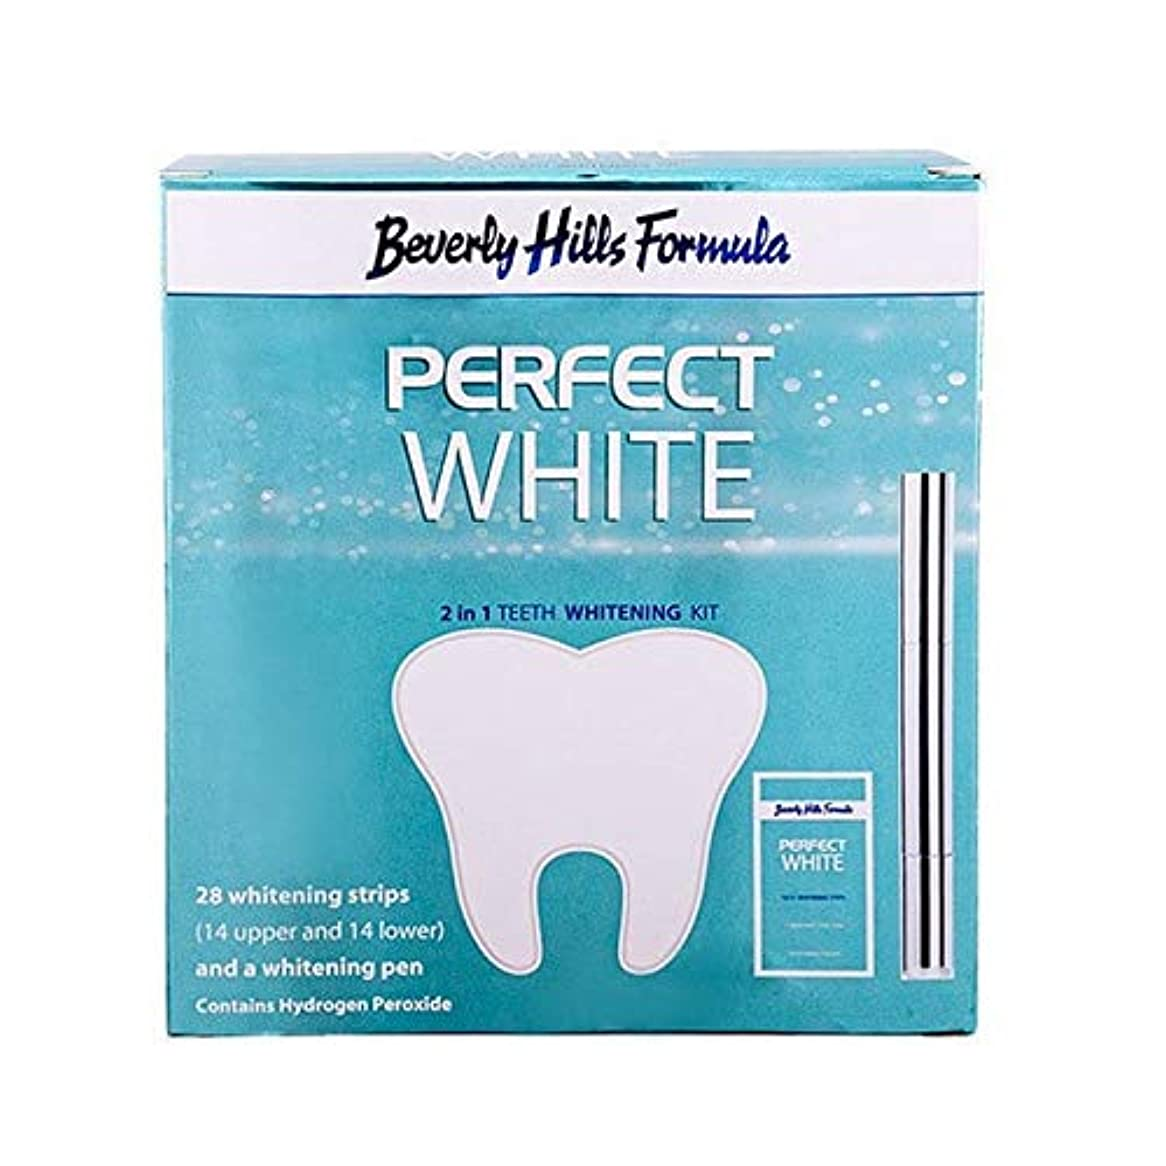 ストライプ連想やろう[Beverly Hills ] ビバリーヒルズ公式パーフェクトホワイト2 1でホワイトニングキット - Beverly Hills Formula Perfect White 2 in 1 Whitening kit...